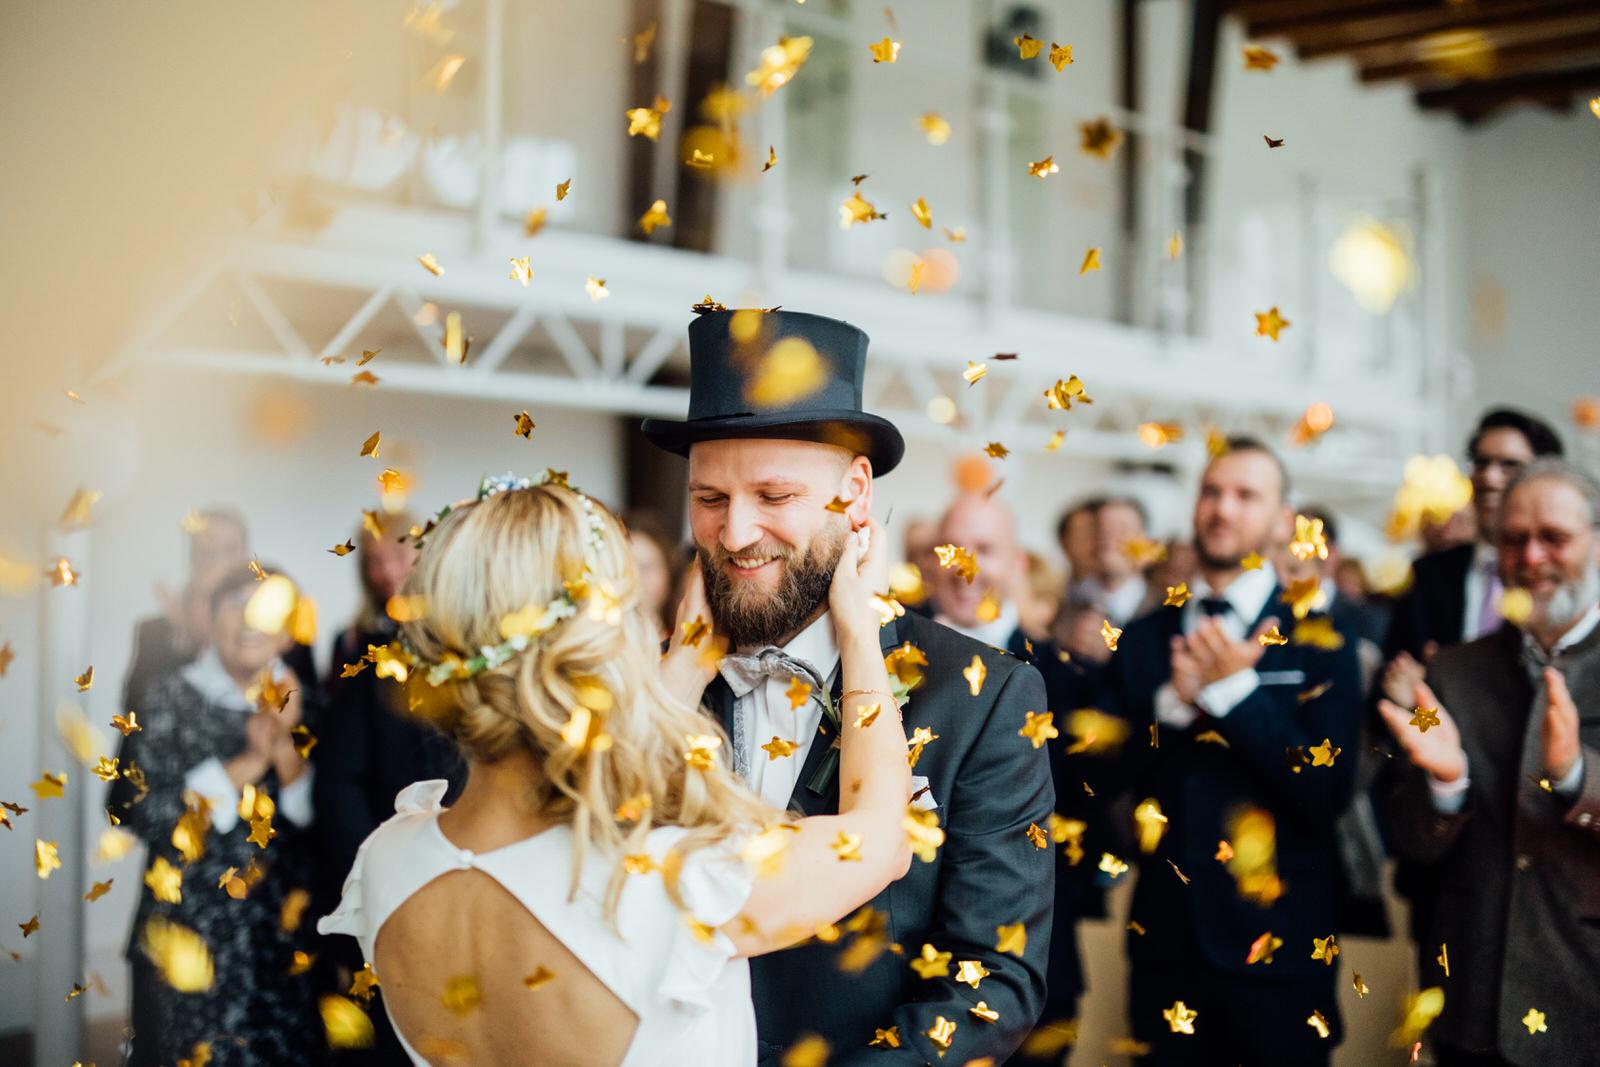 Hochzeitsfotograf_Rödental_Alte_Mühle_Alte_Orangerie_Schloss_Rosenau_100227239.JPG